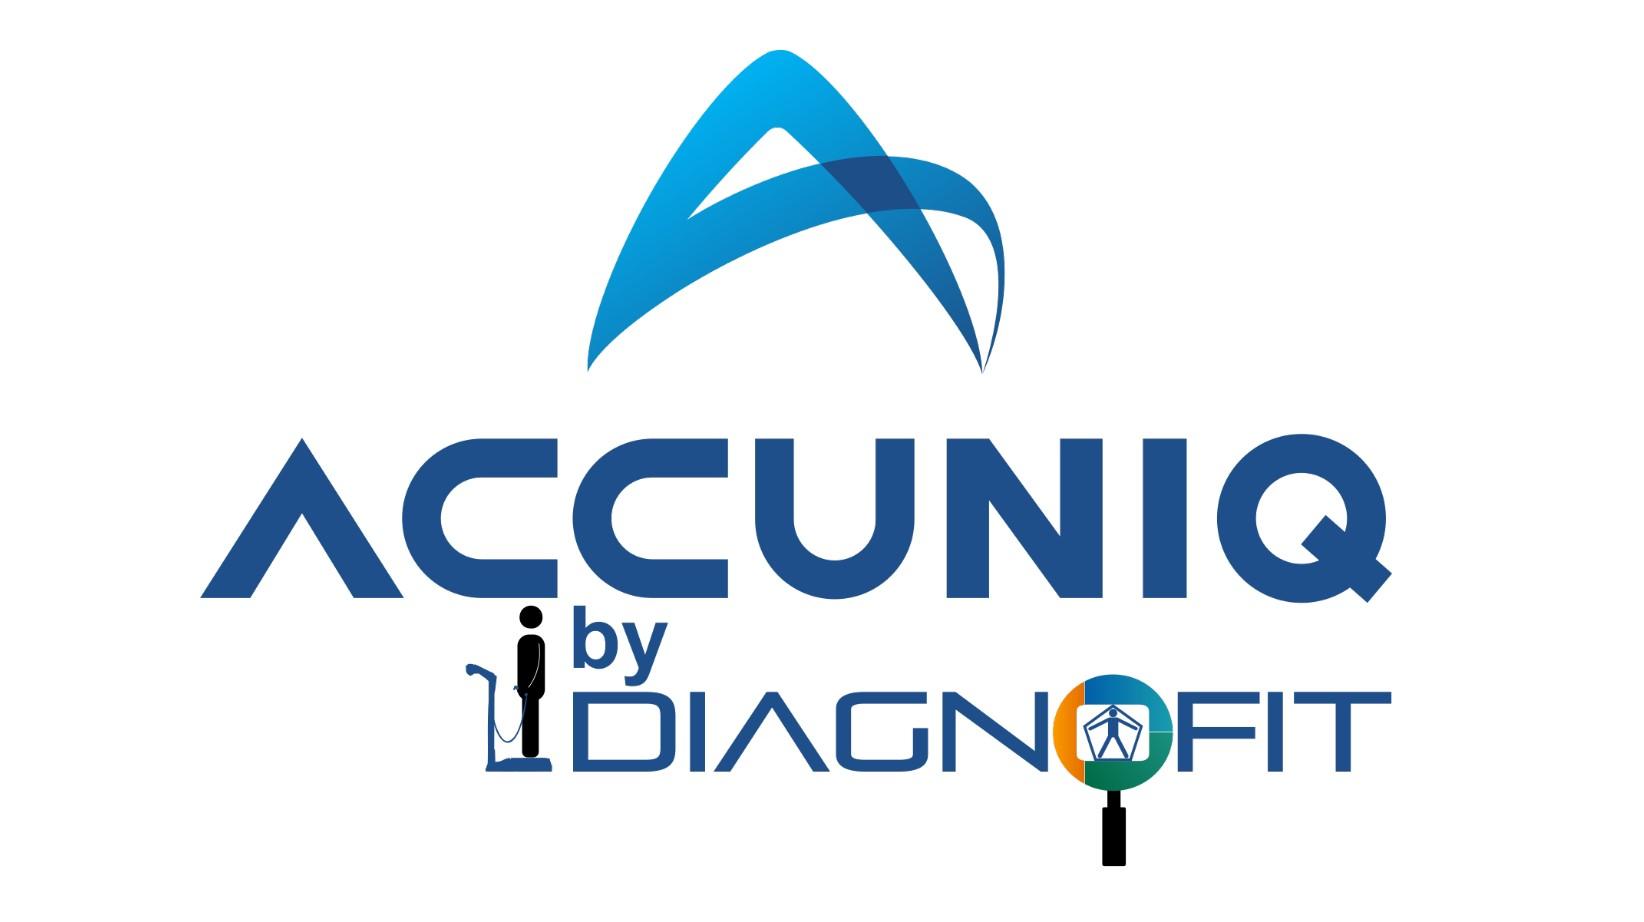 ACCUNIQ by Diagnofit